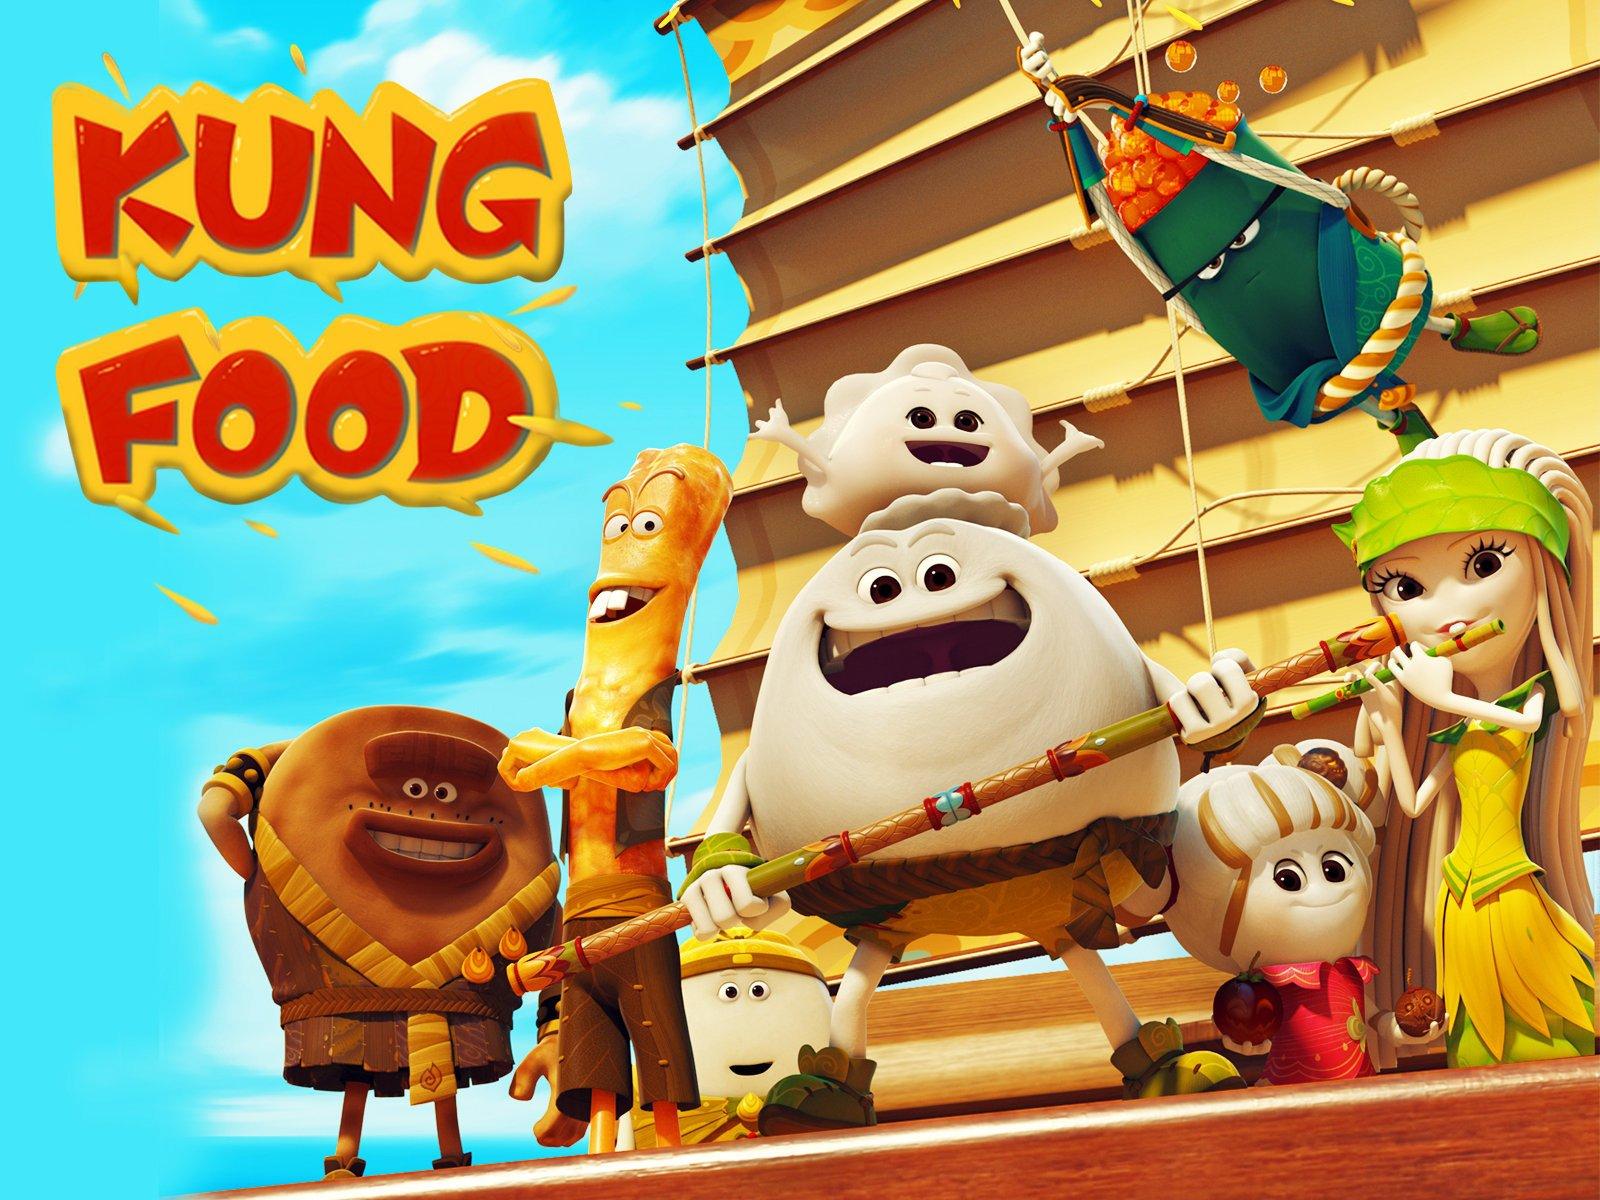 Amazon Watch Kung Food